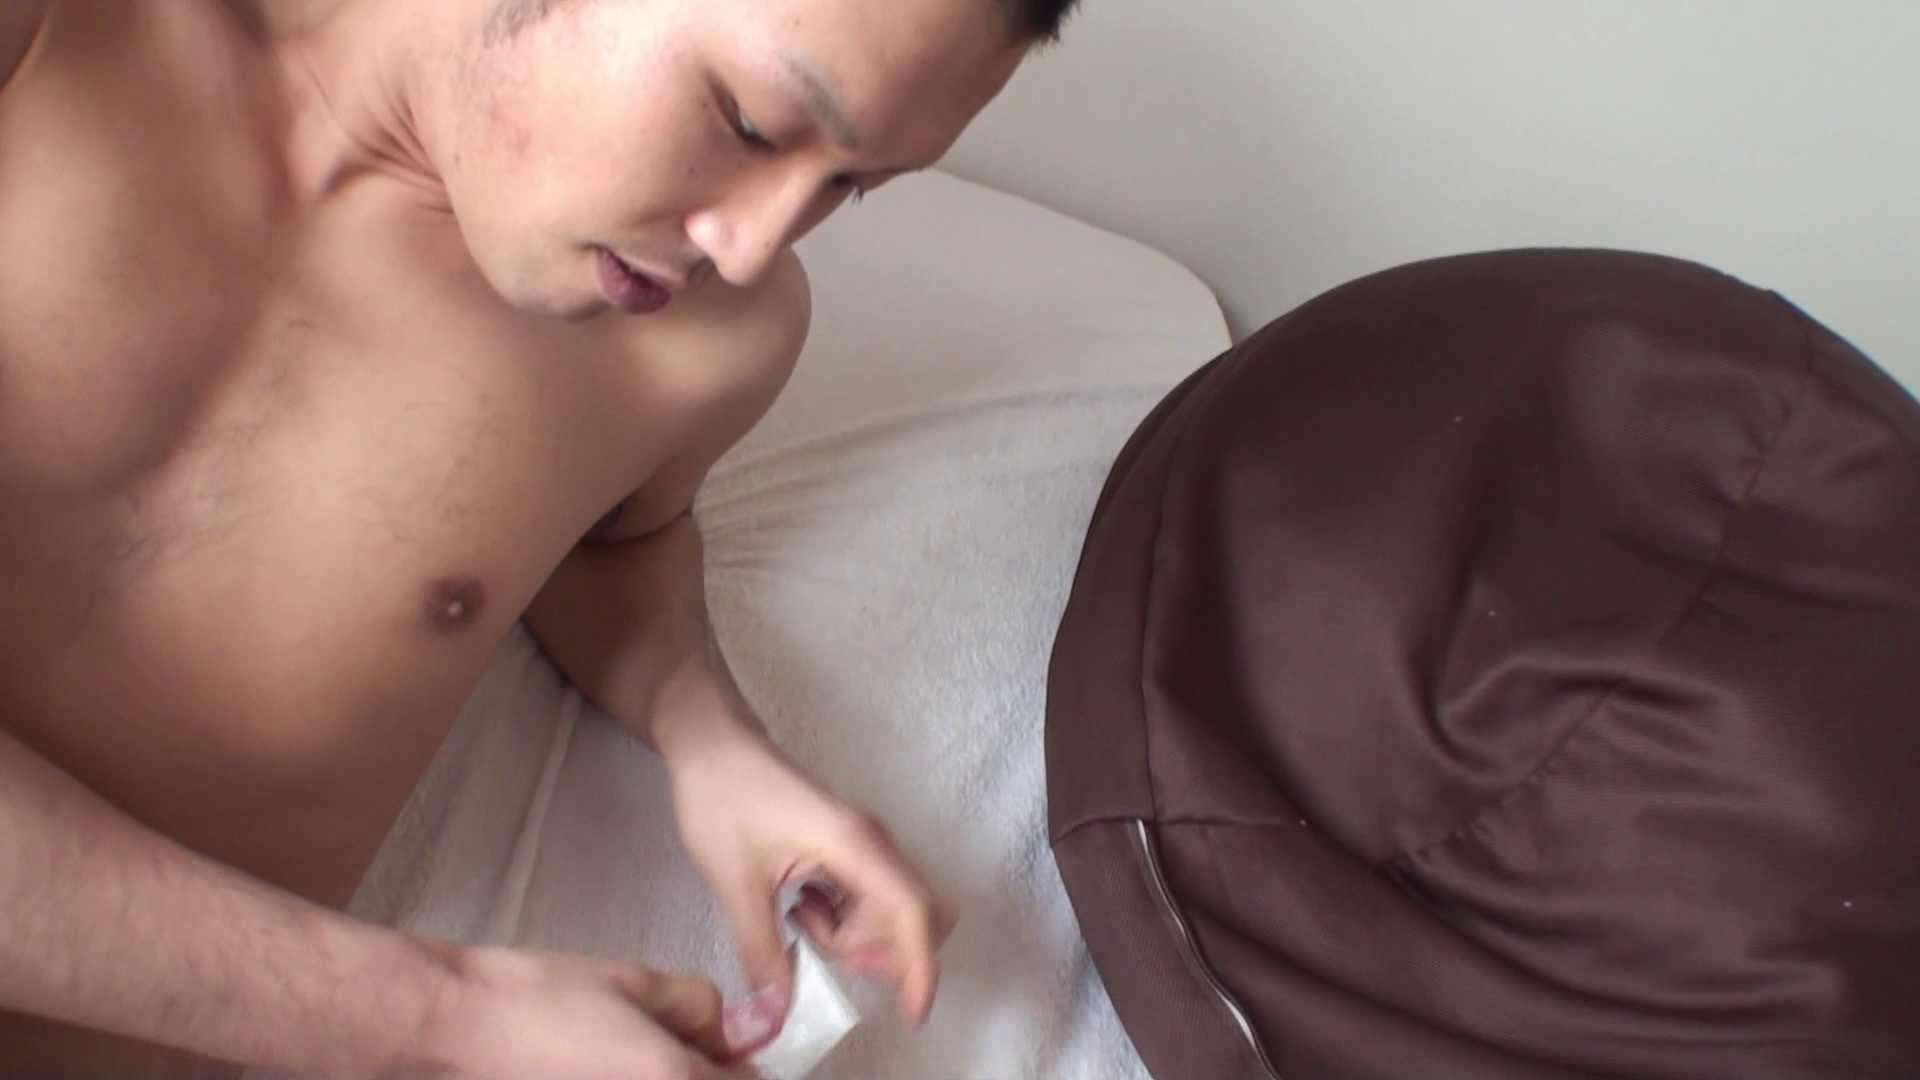 HD 良太と健二当たり前の日常 セックス編 菊指 ゲイヌード画像 52連発 25